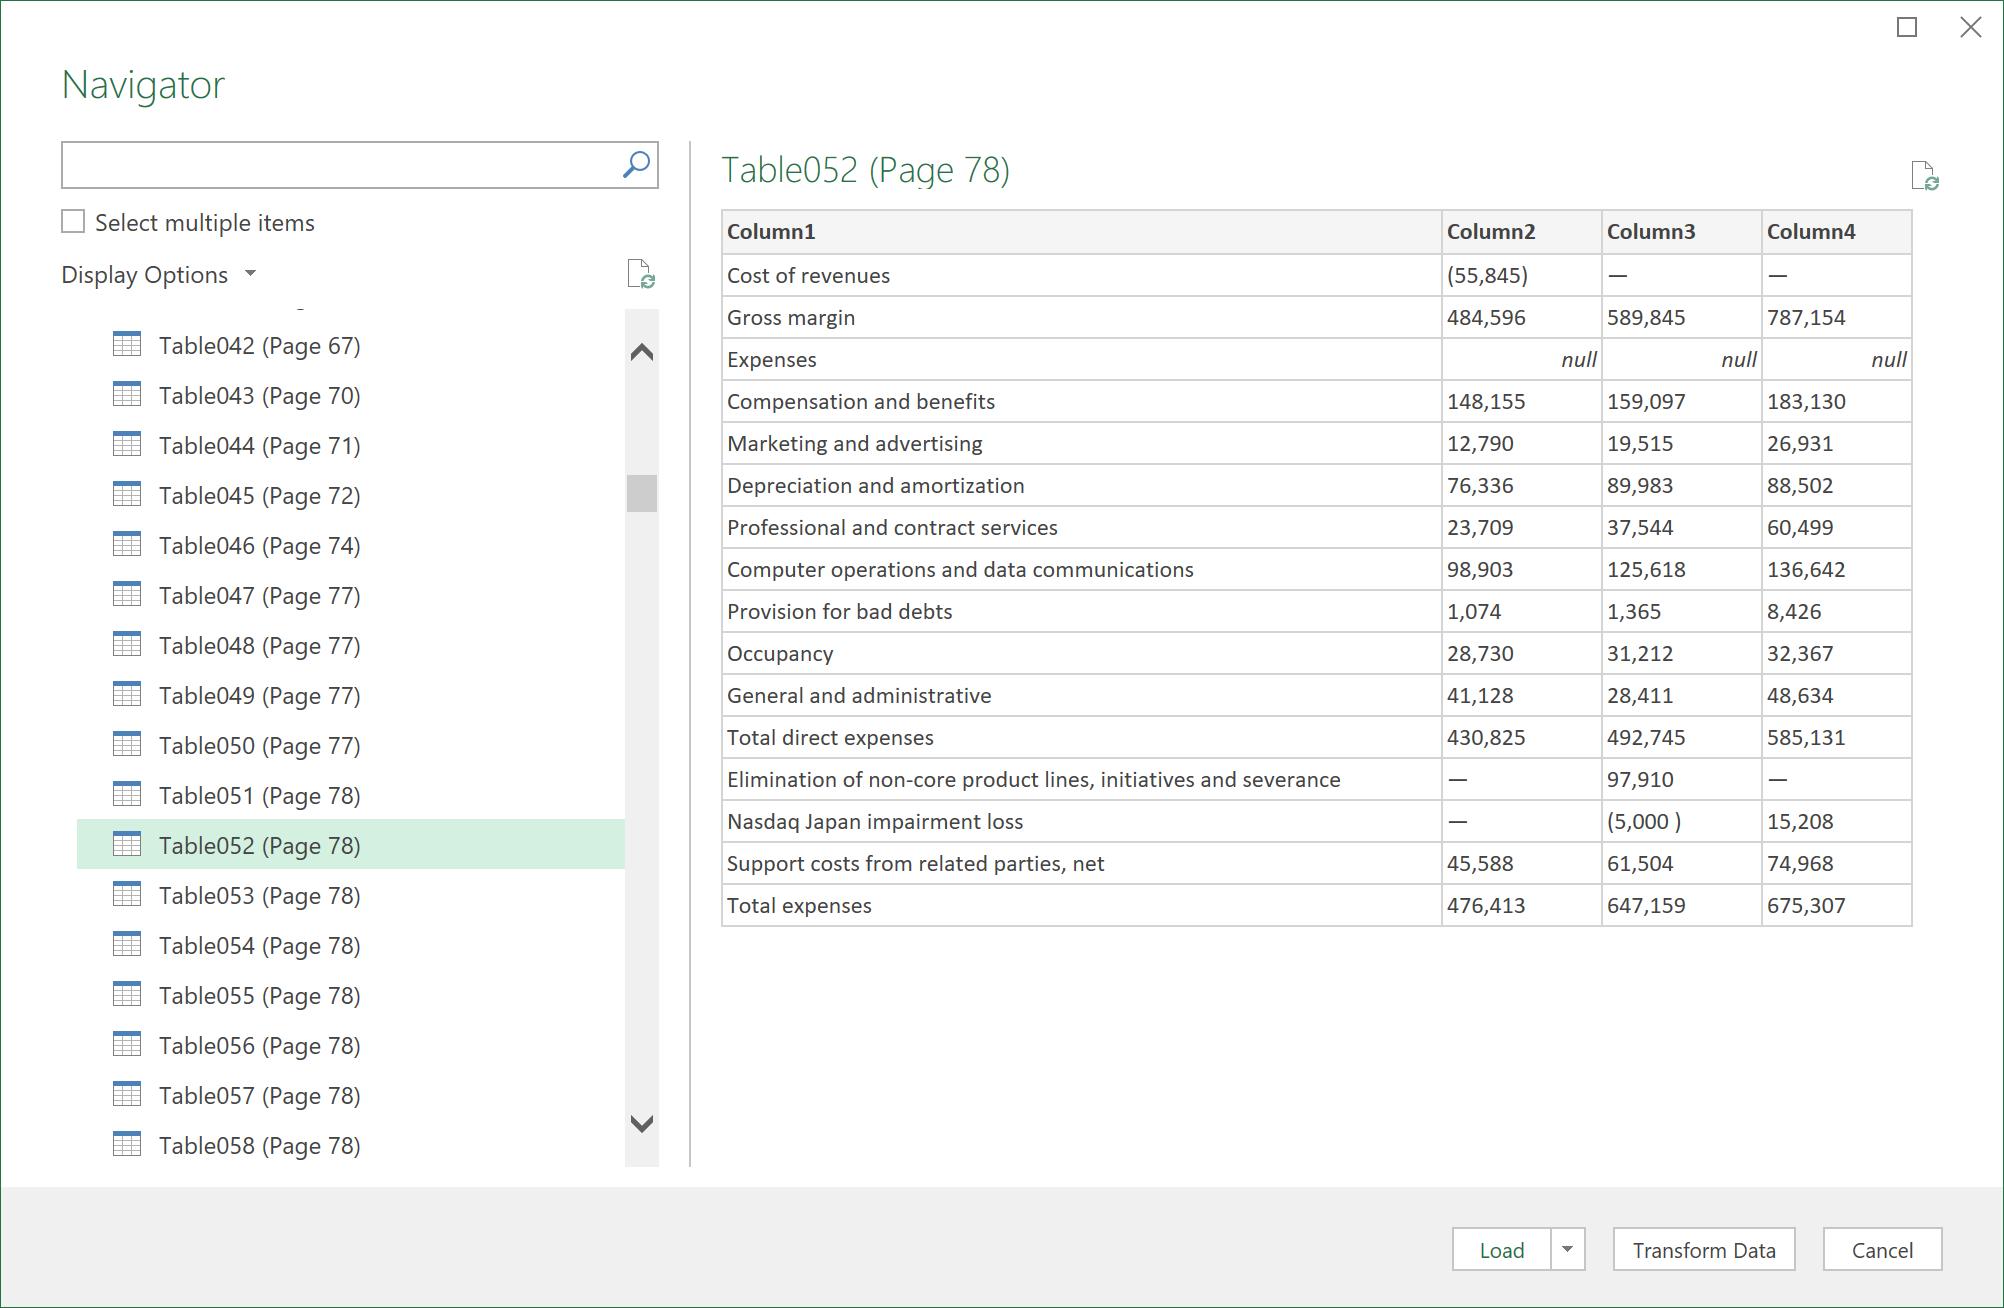 Boîte de dialogue Navigateur pour l'importation de données PDF